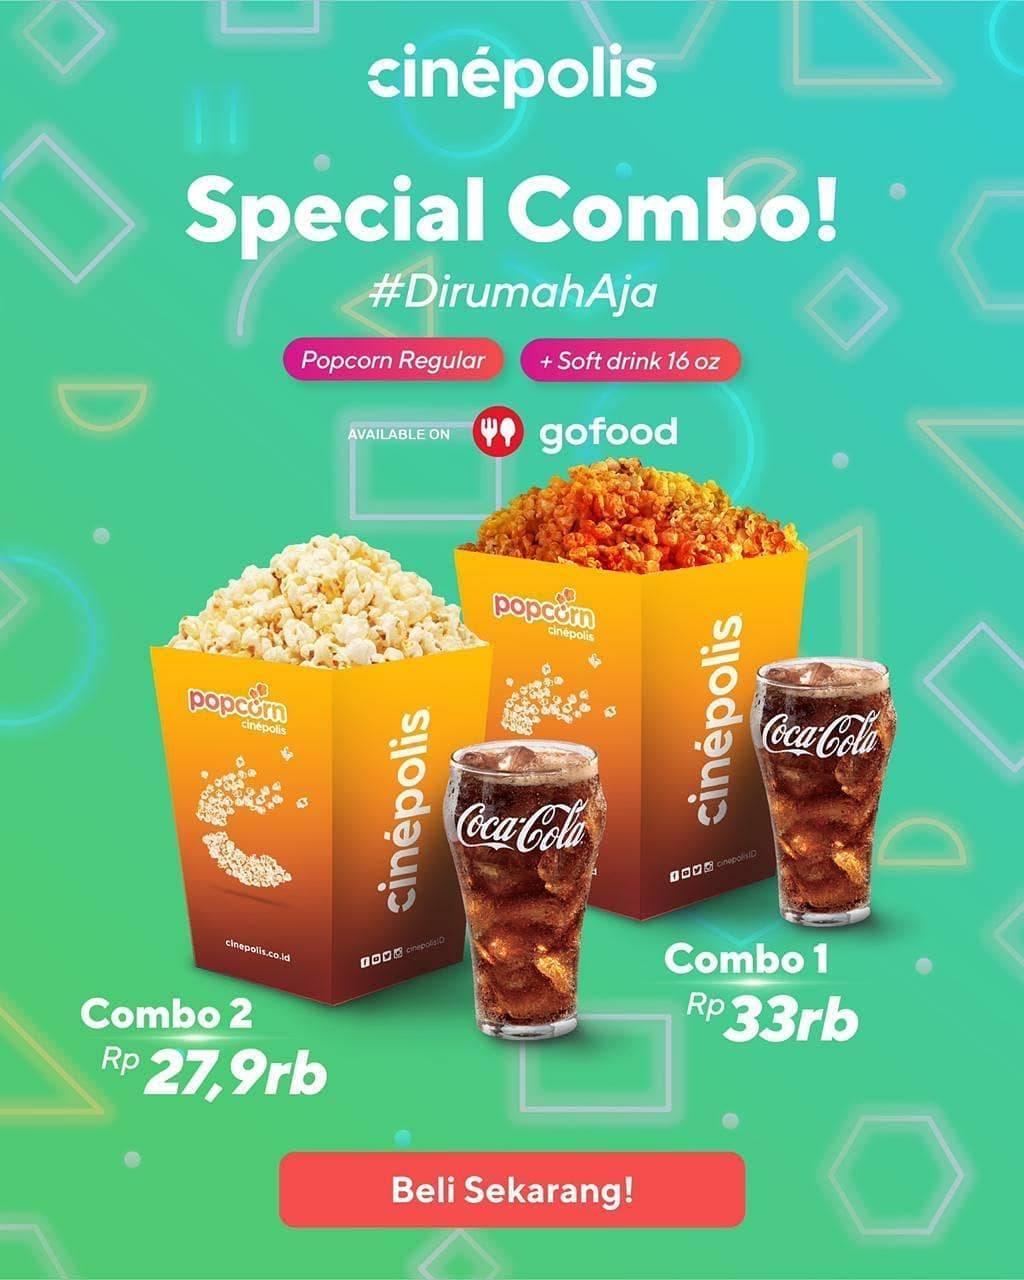 Diskon Promo Cinepolis Paket Special Combo Mulai Dari Rp. 27.900 Untuk Pemesanan Melalui GoFood